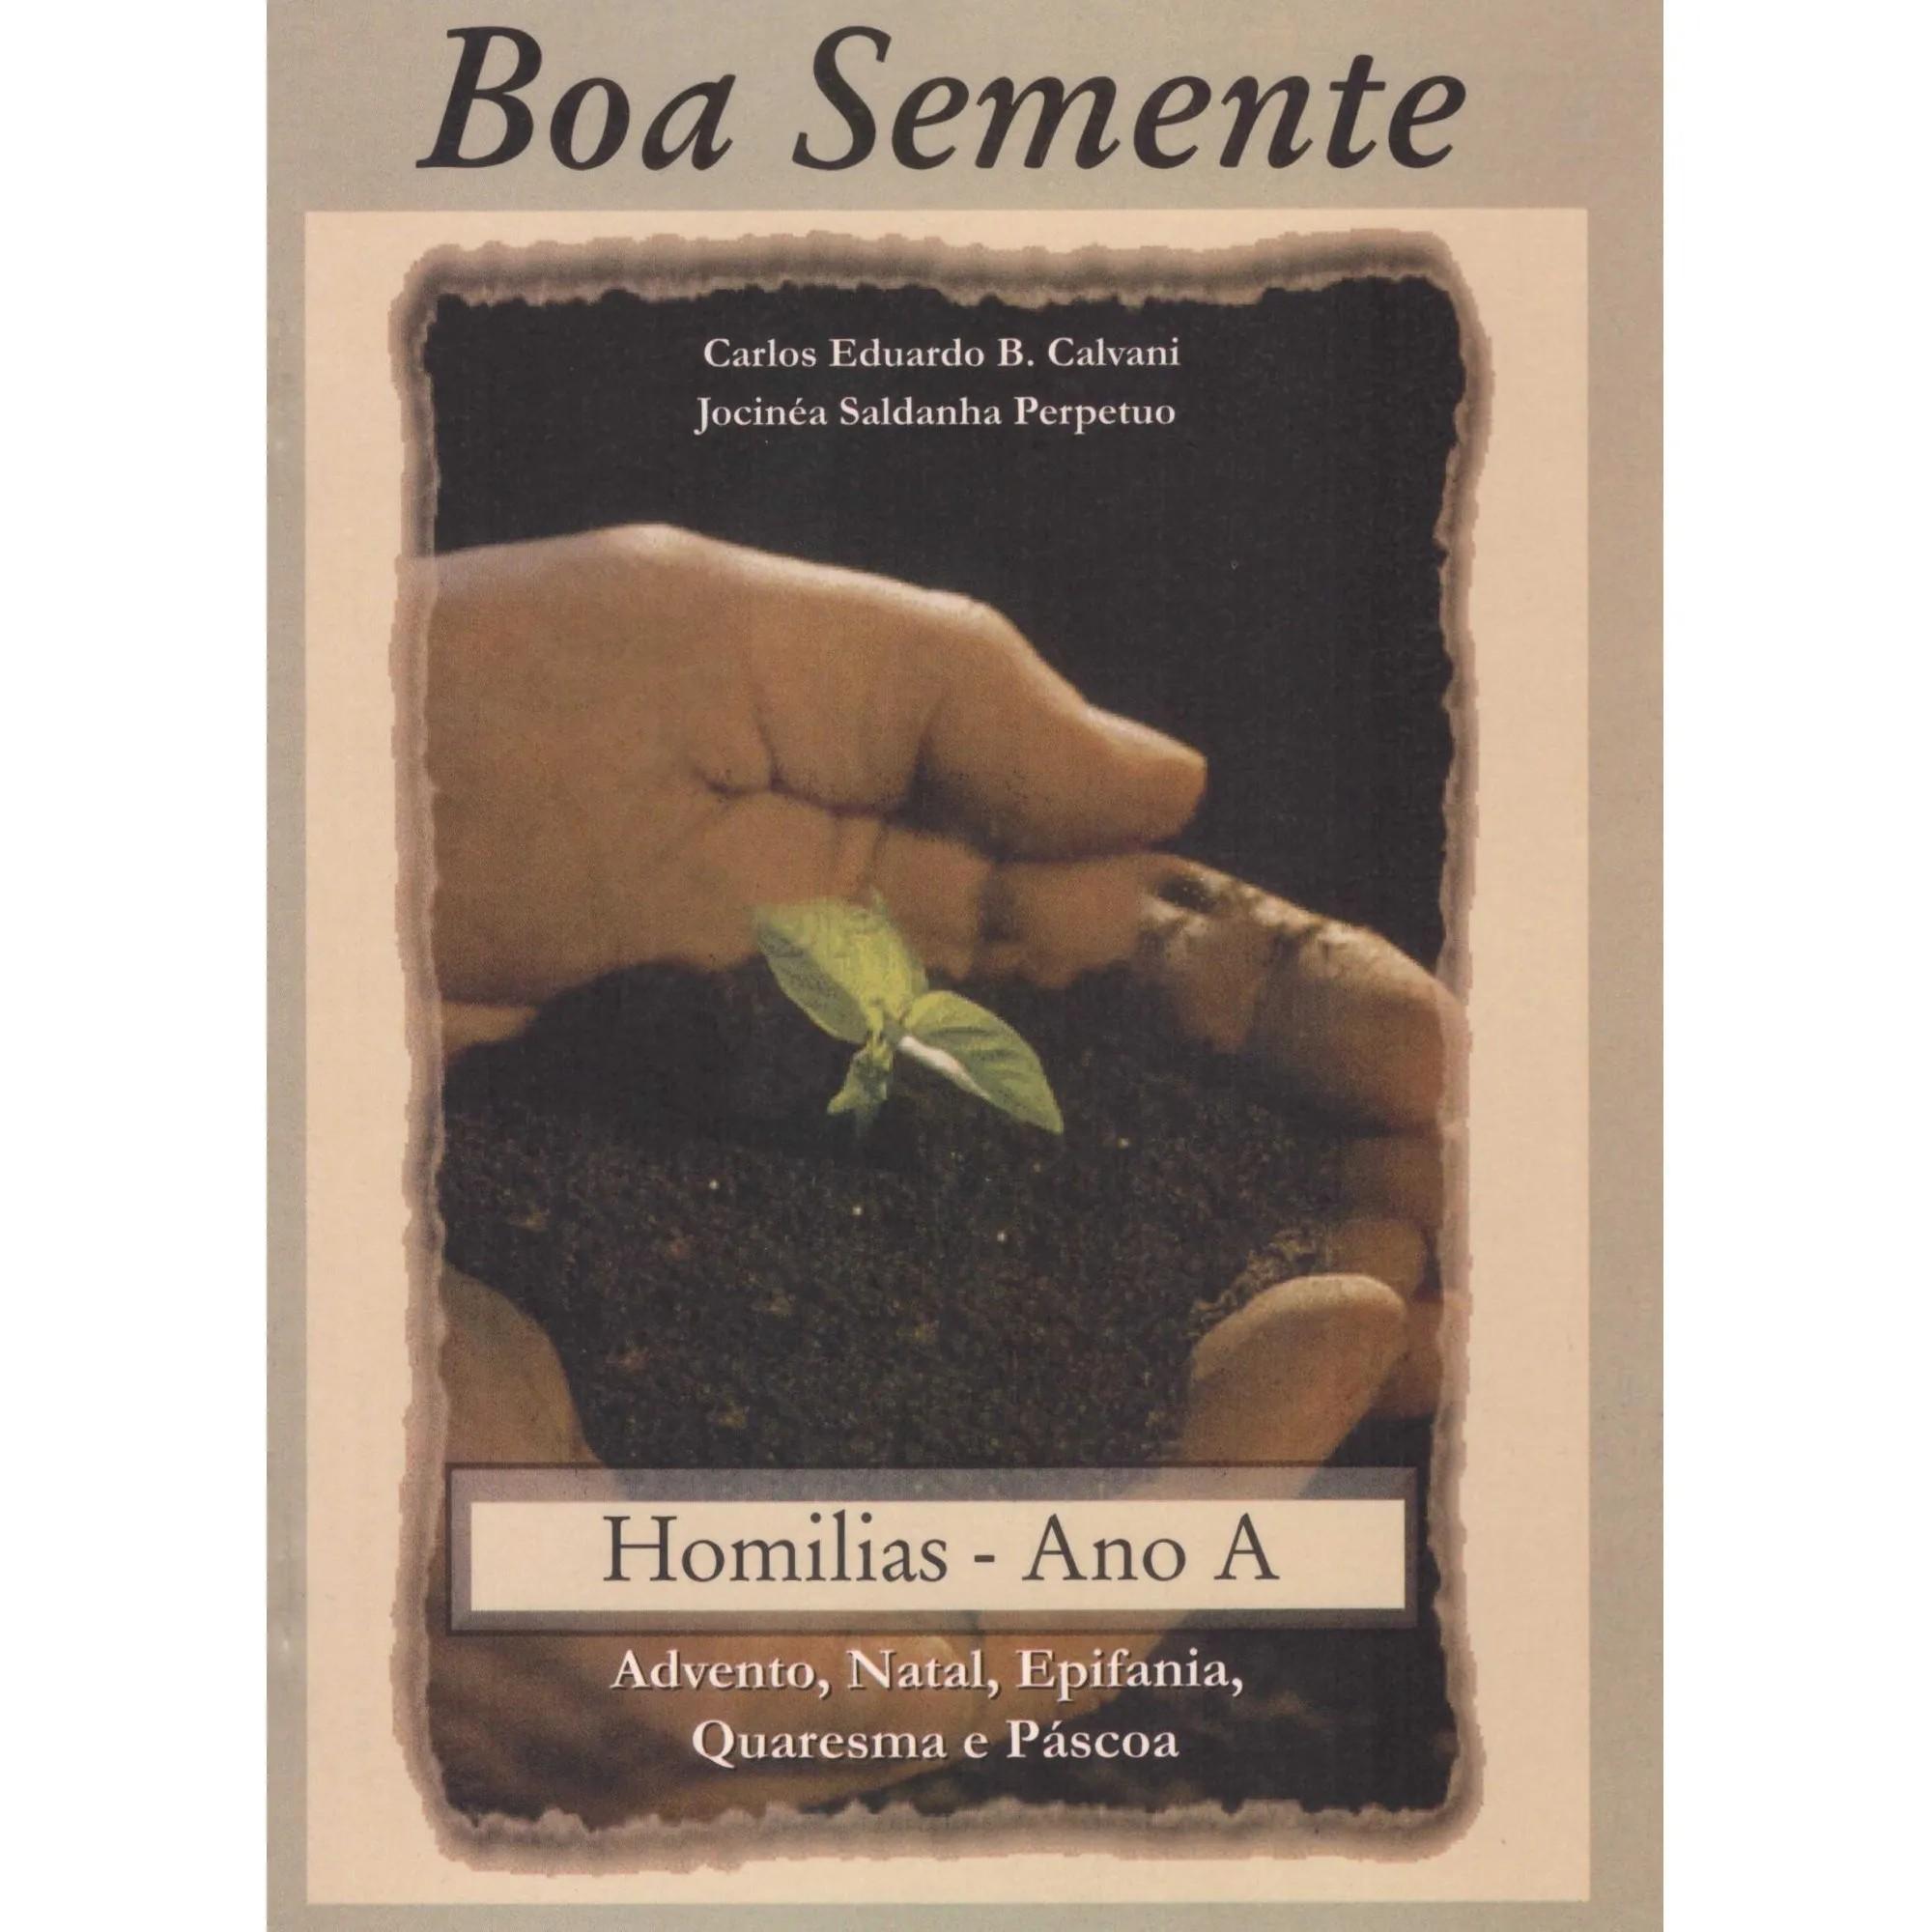 Boa semente: Homilias - Ano A: Advento, Natal, Epifania, Quaresma e Páscoa